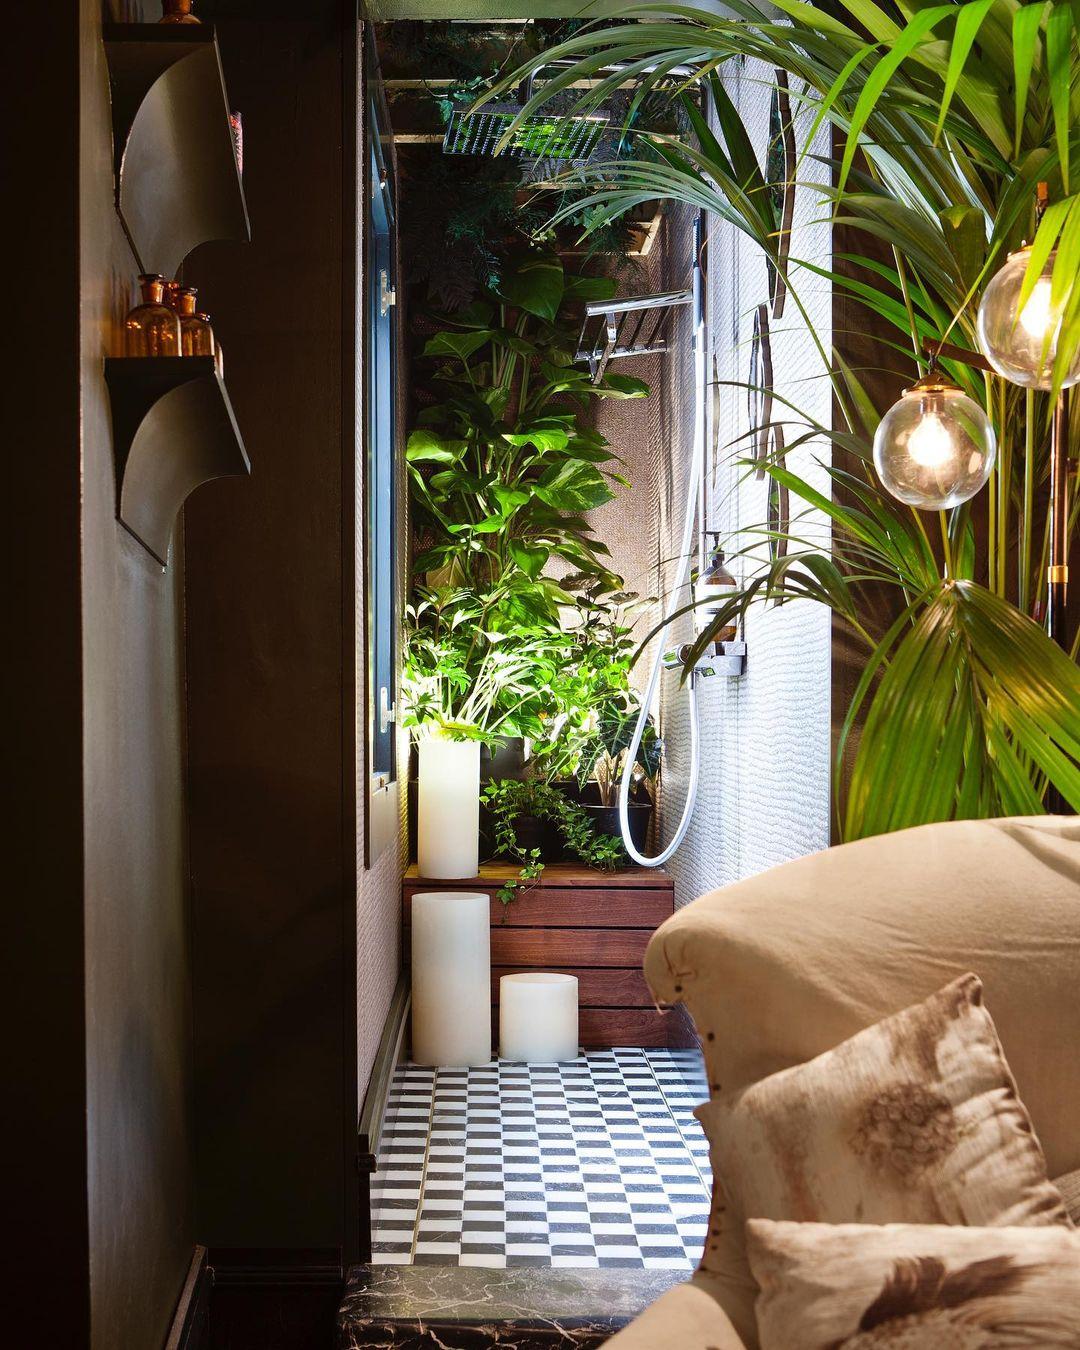 Diseño de Interiores: Una selección poderosa de proyectos en Madrid diseño de interiores Diseño de Interiores: Una selección poderosa de proyectos en Madrid 184913564 484485189462709 1592911258555927976 n